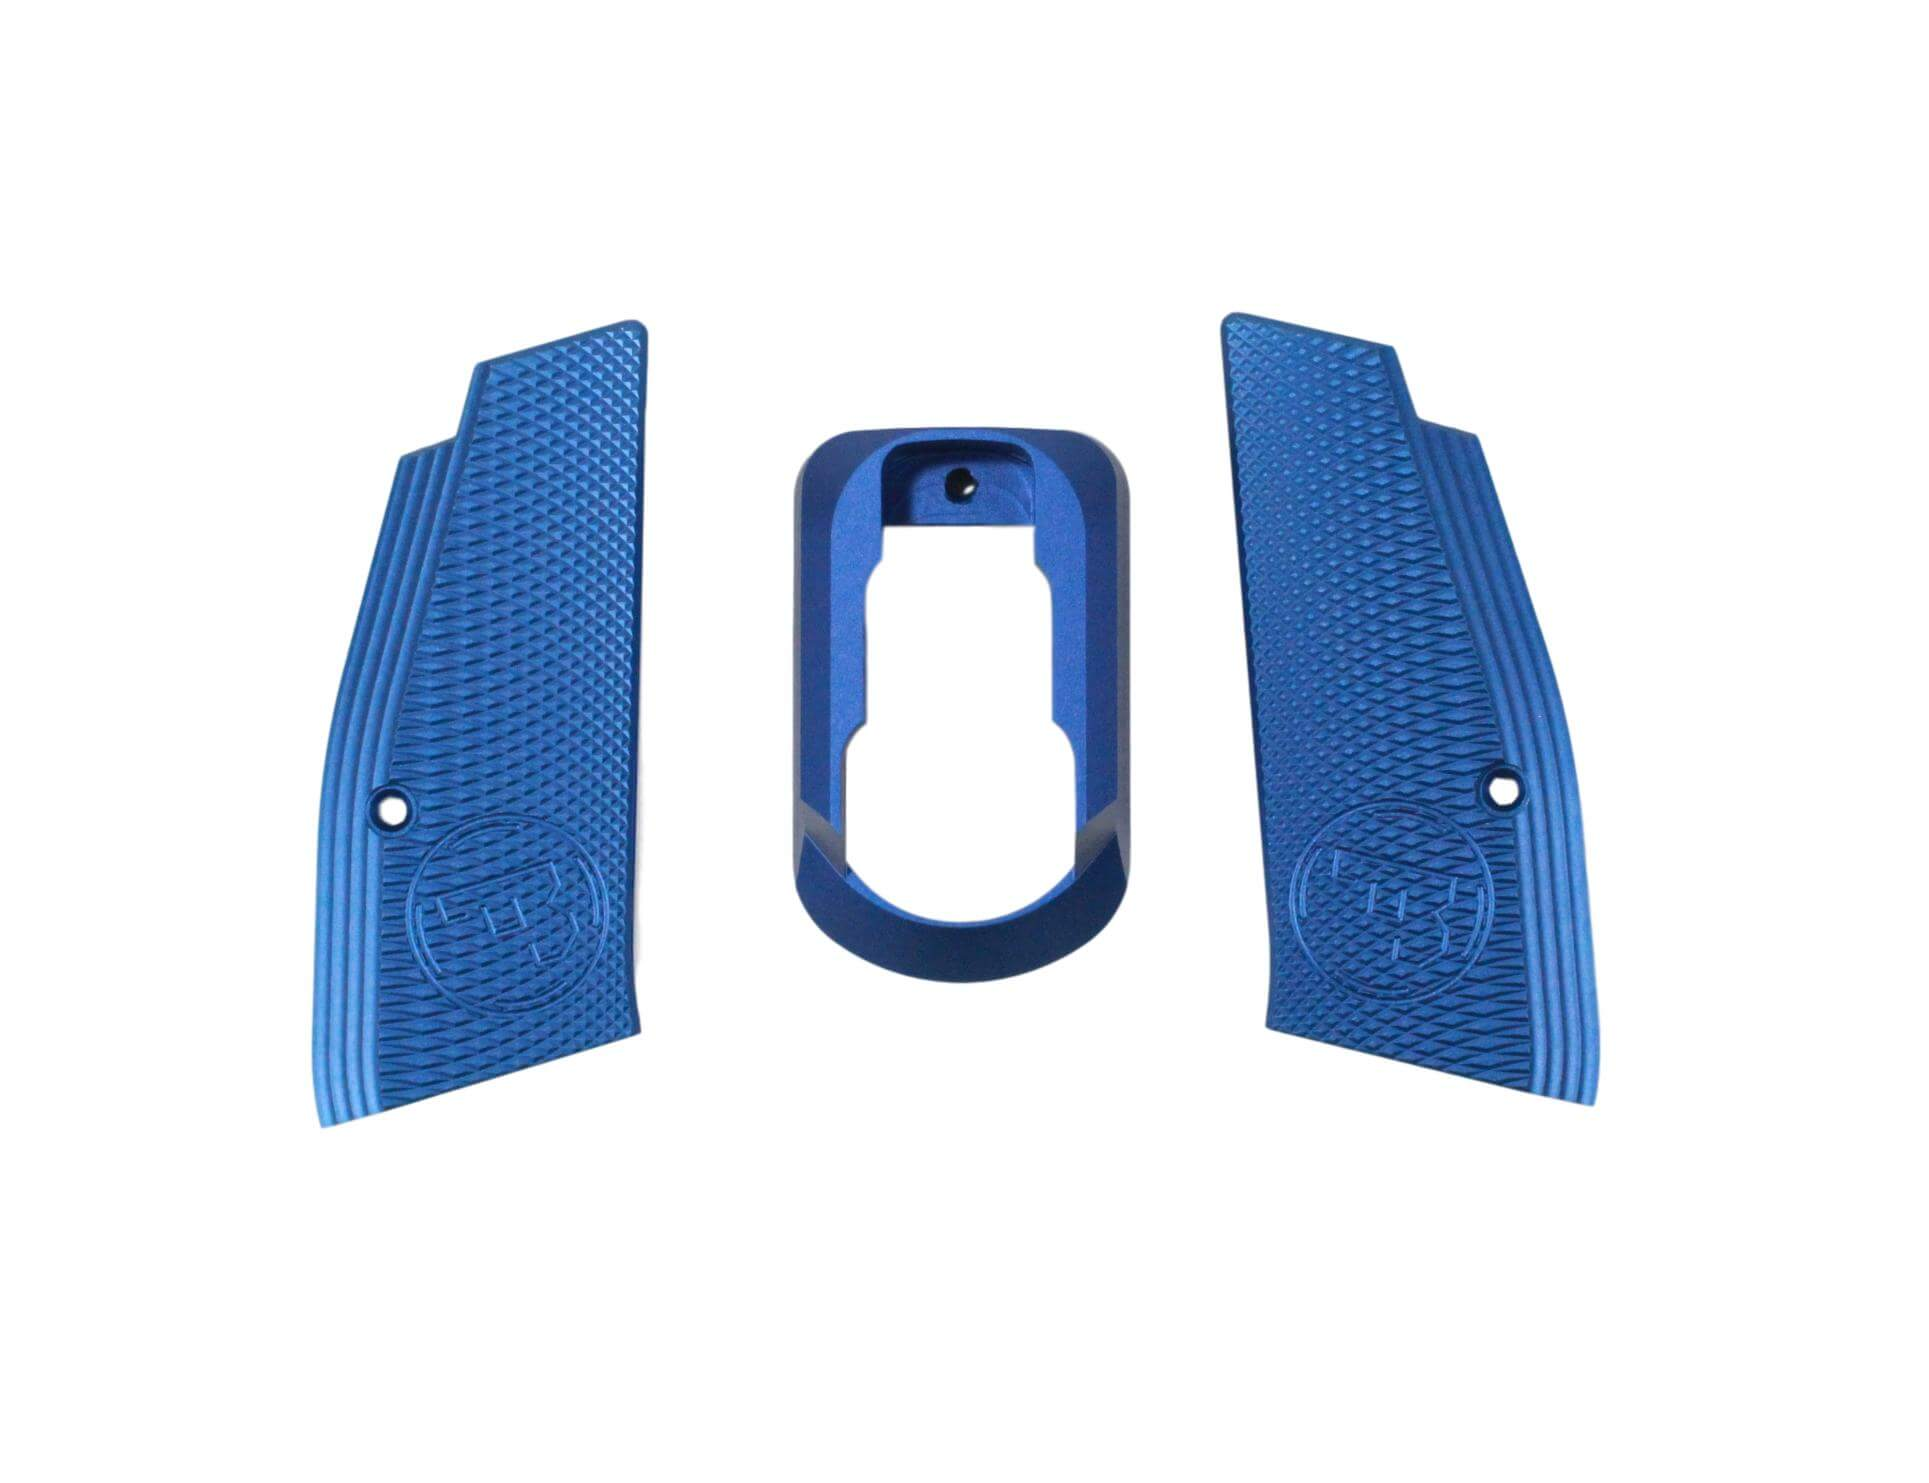 Billede af Action Sport Games, Short grip and mag. funnel. CZ SP-01 Shadow, Blue